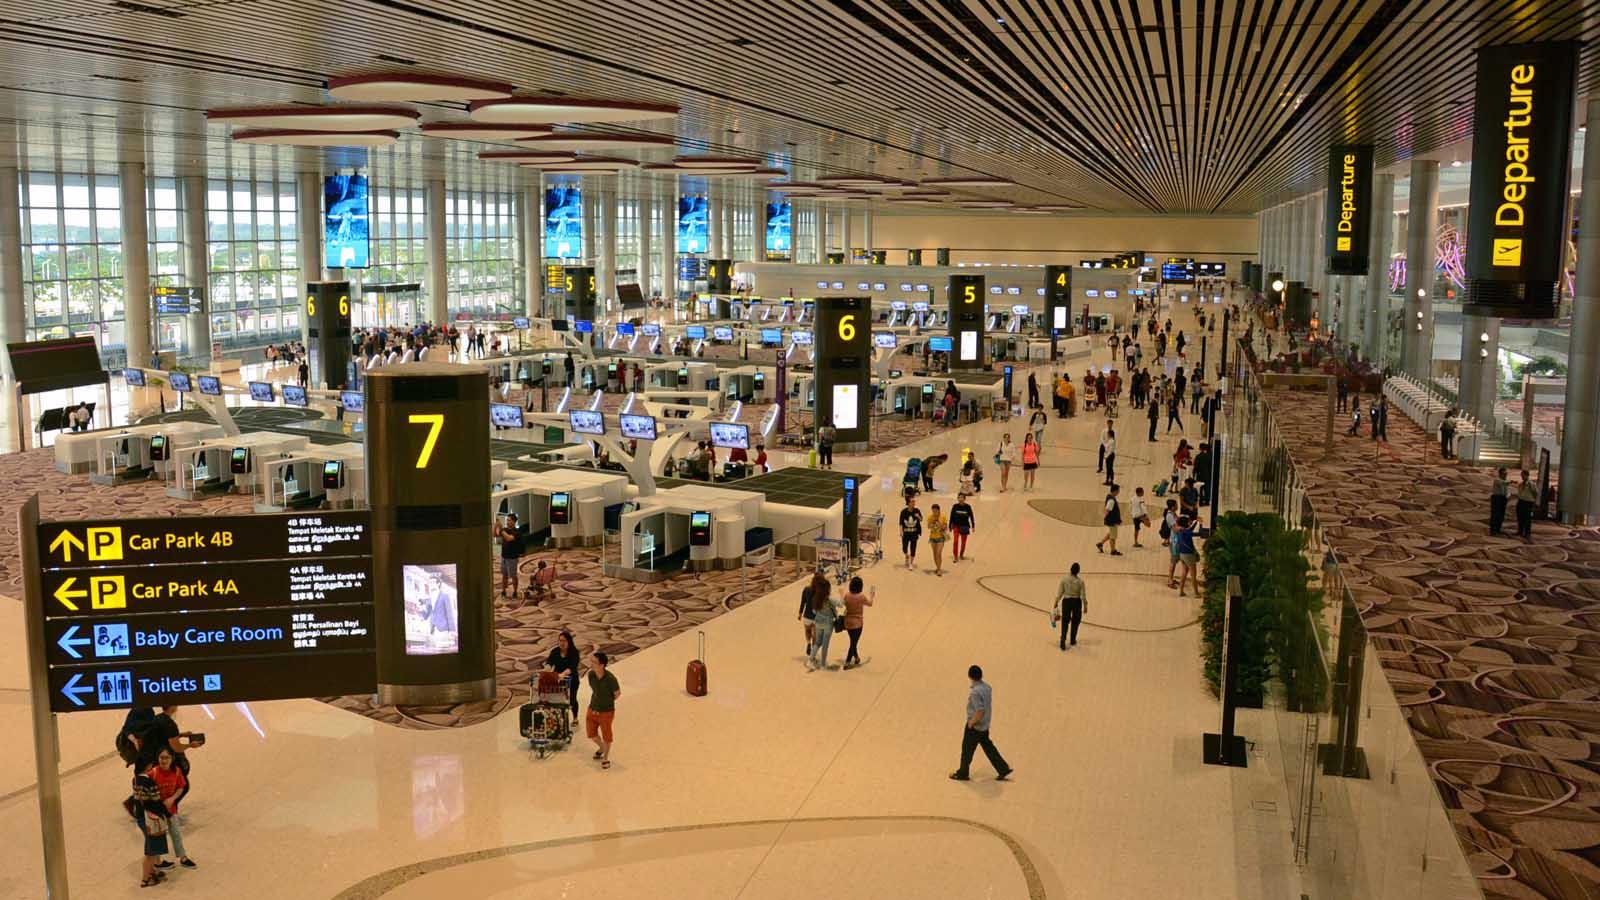 シンガポールに出現した「無人空港」の凄み   エアライン・航空機